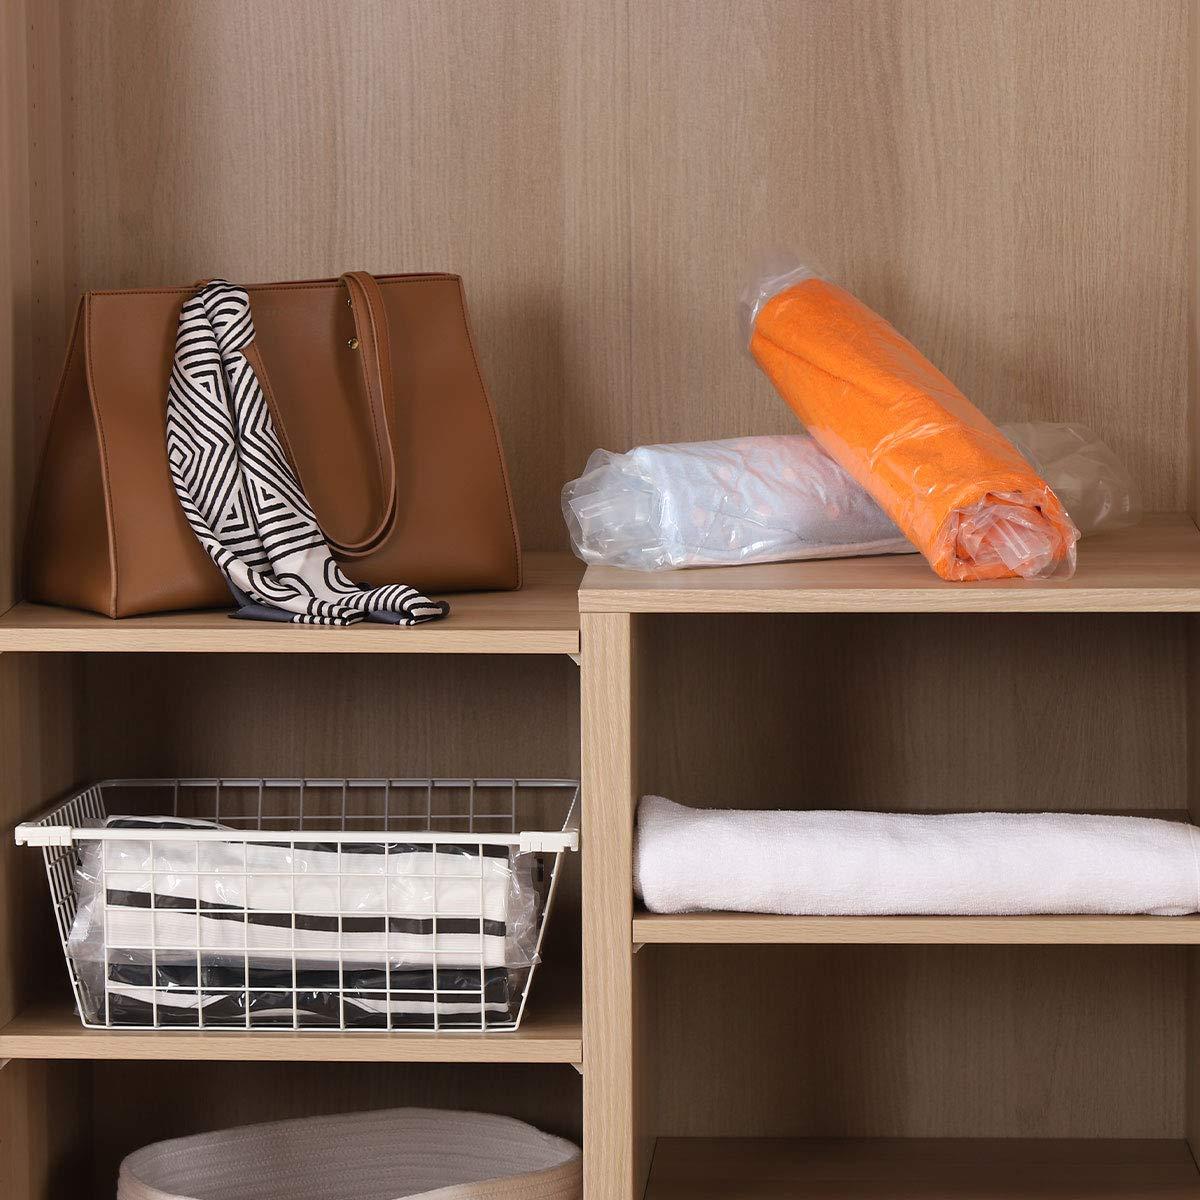 Amazon.com: VacBest - Bolsas de almacenamiento al vacío para ...